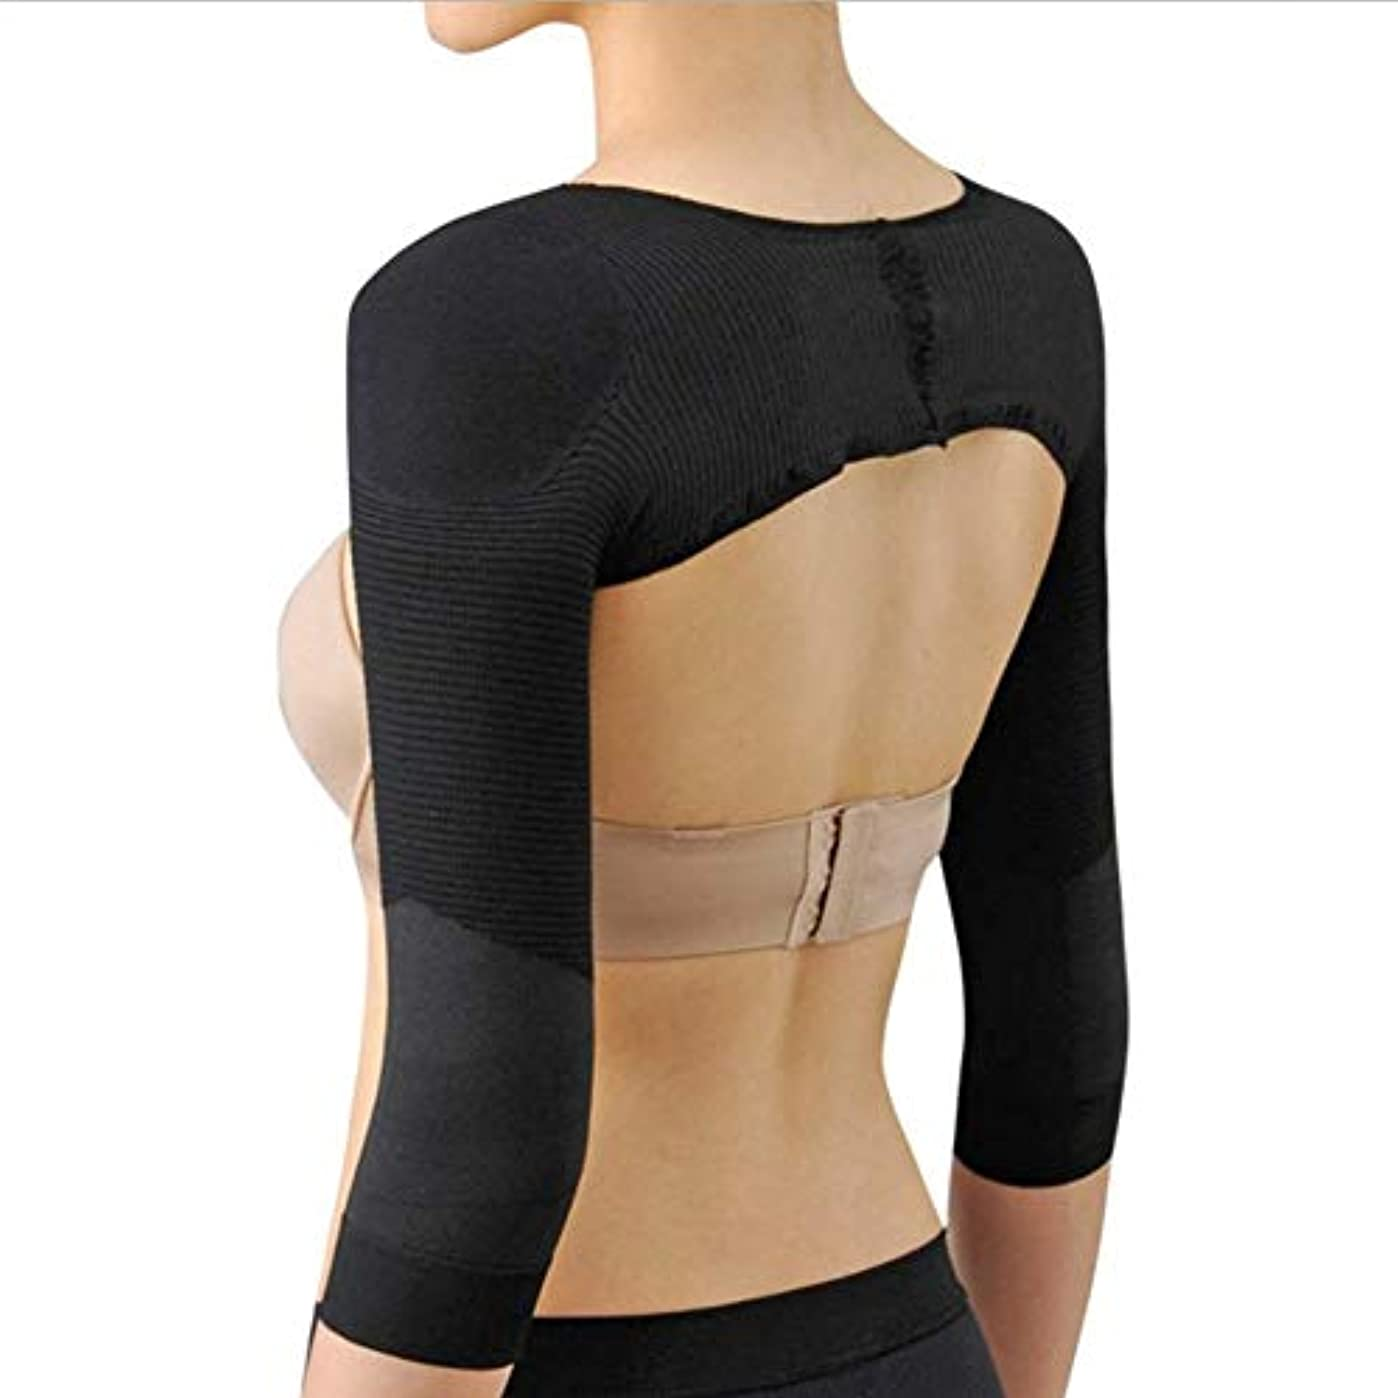 布医学インストール二の腕 シェイプケア 姿勢 矯正 補正下着 補正インナー 二の腕痩せ 二の腕シェイパー (黒, L)